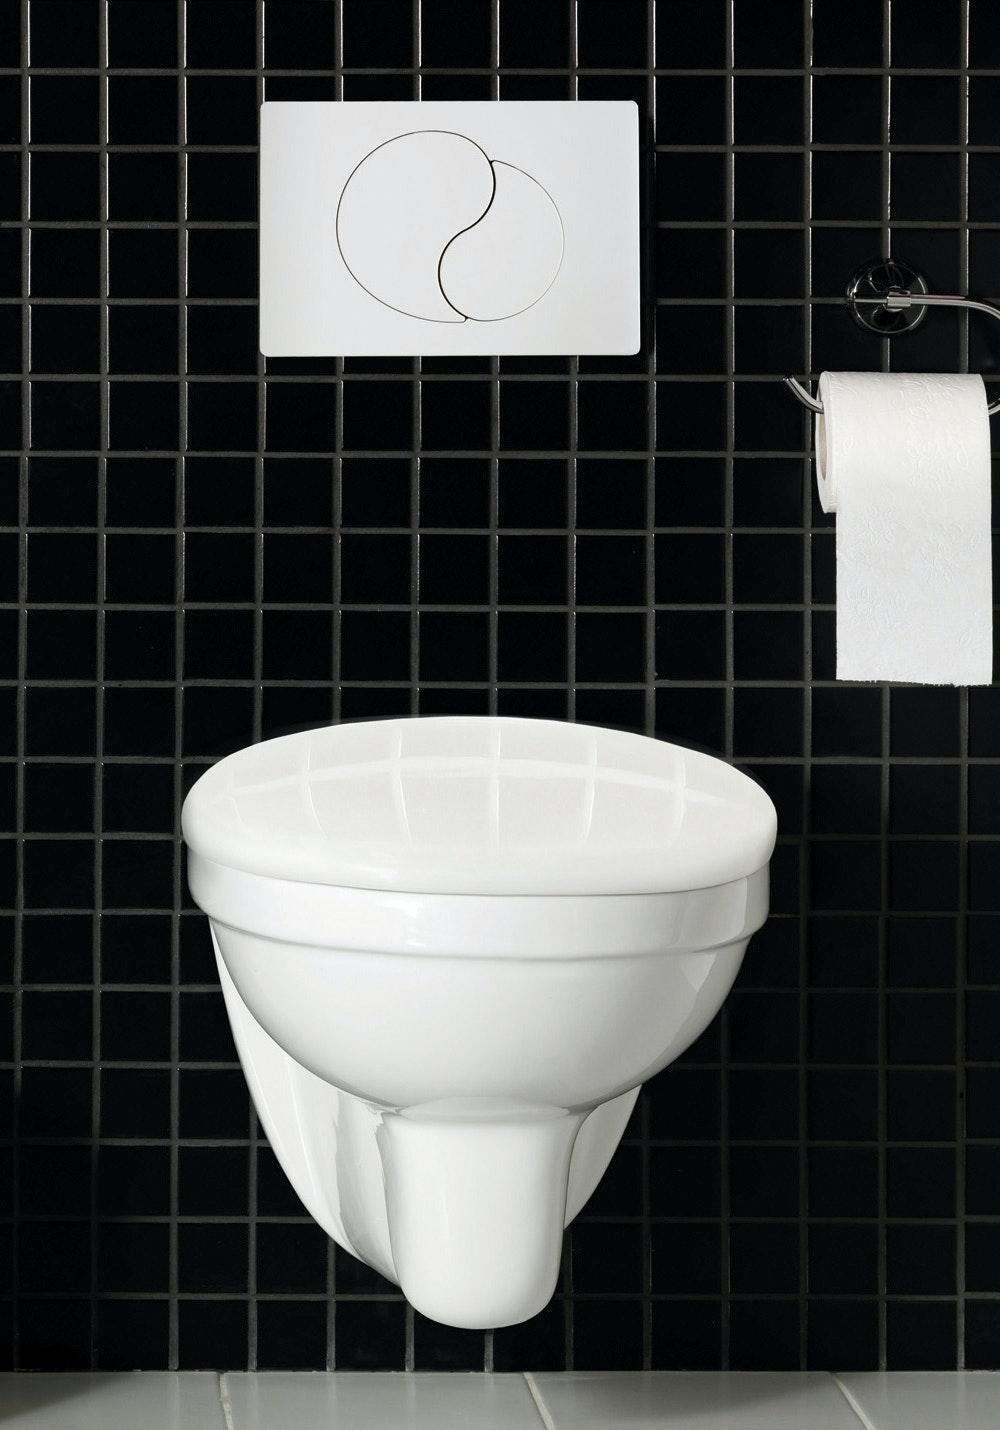 Toalett Hafa Wall Vägghängd Komplett Vit